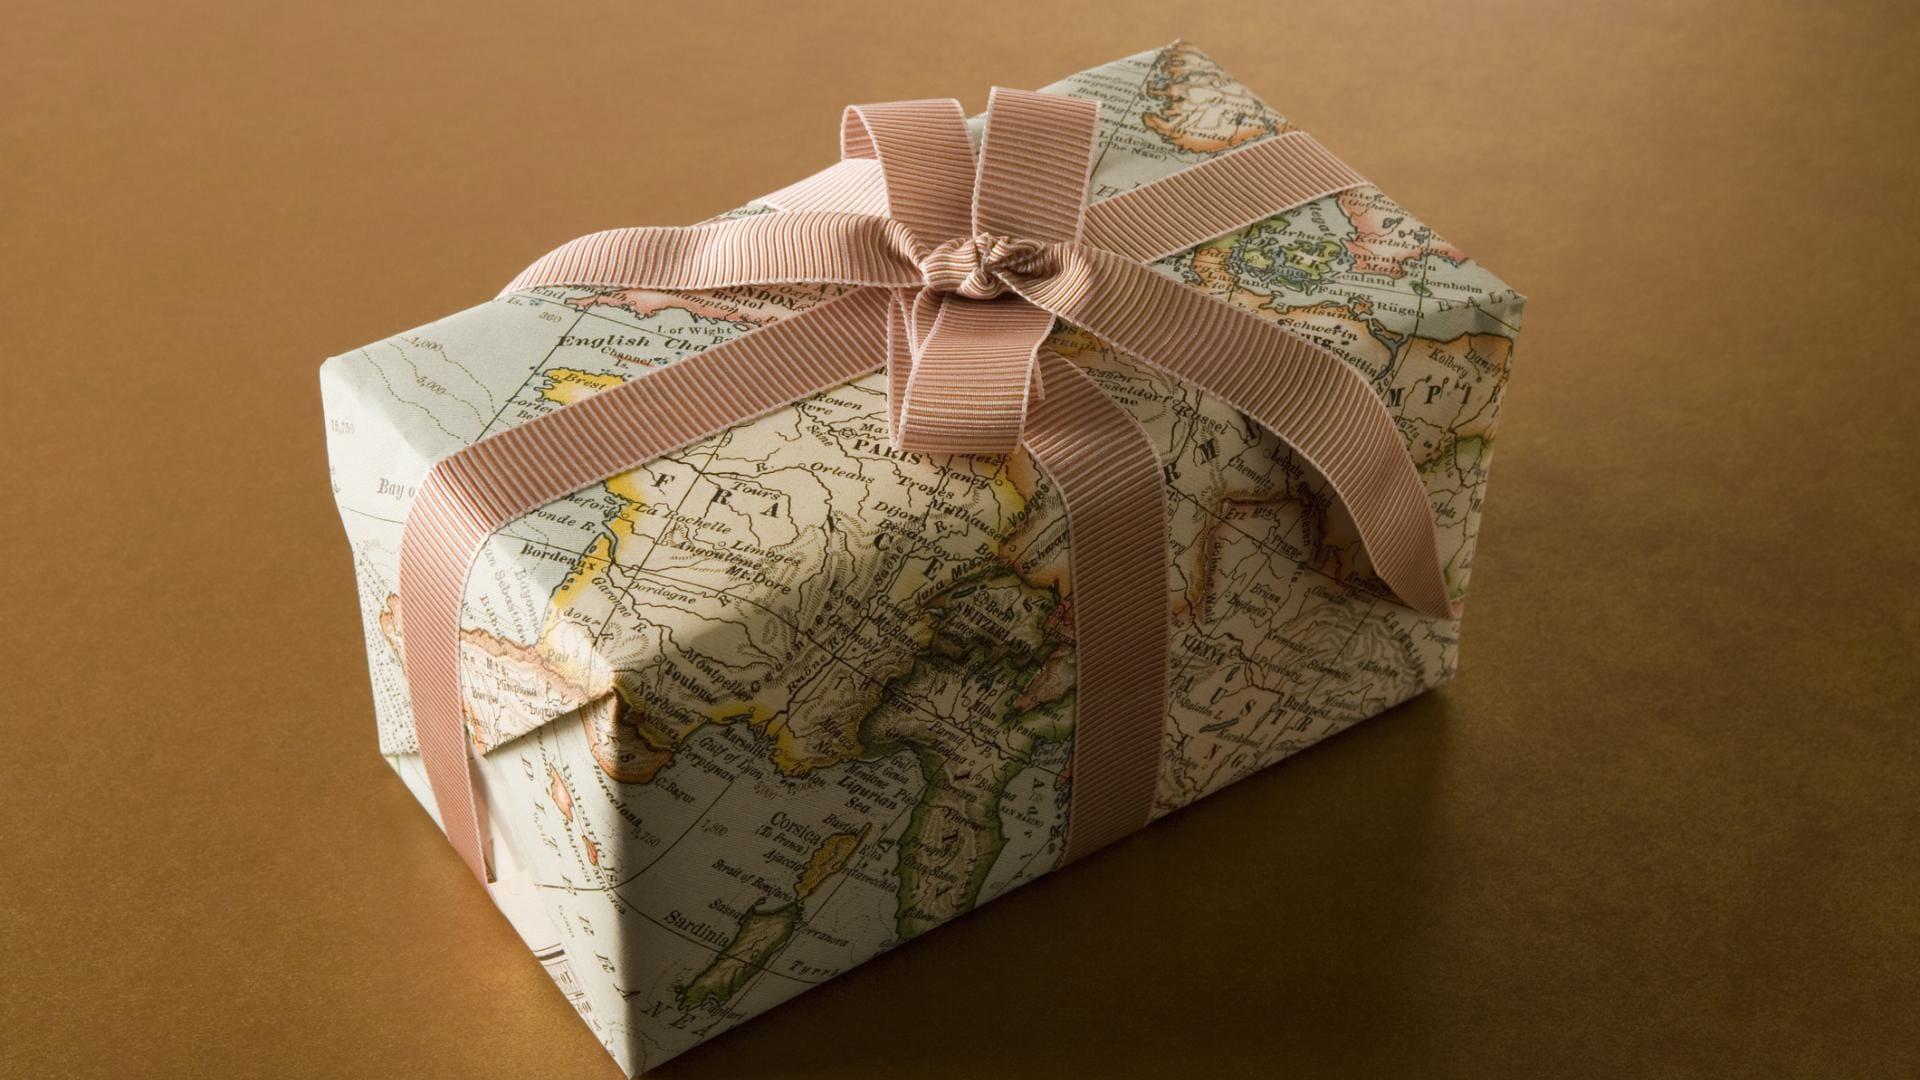 Weihnachtsgeschenke verpacken, Staßenkarte